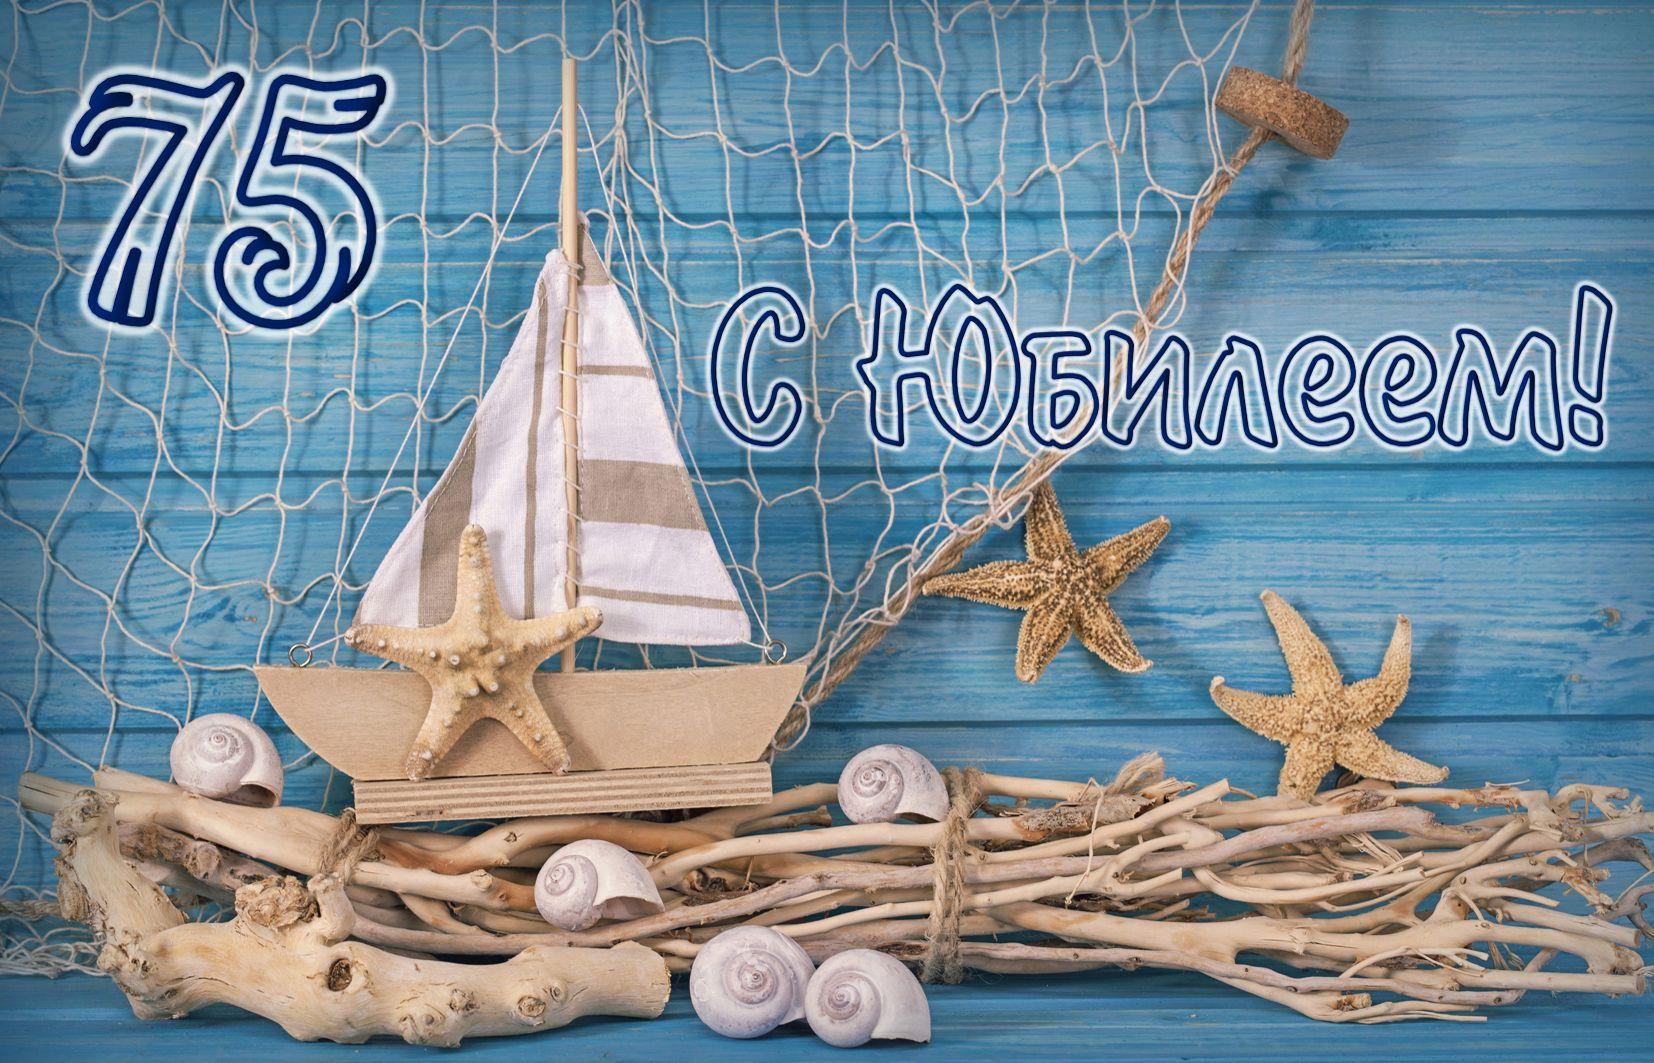 Открытка на морскую тематику к юбилею на 75 лет